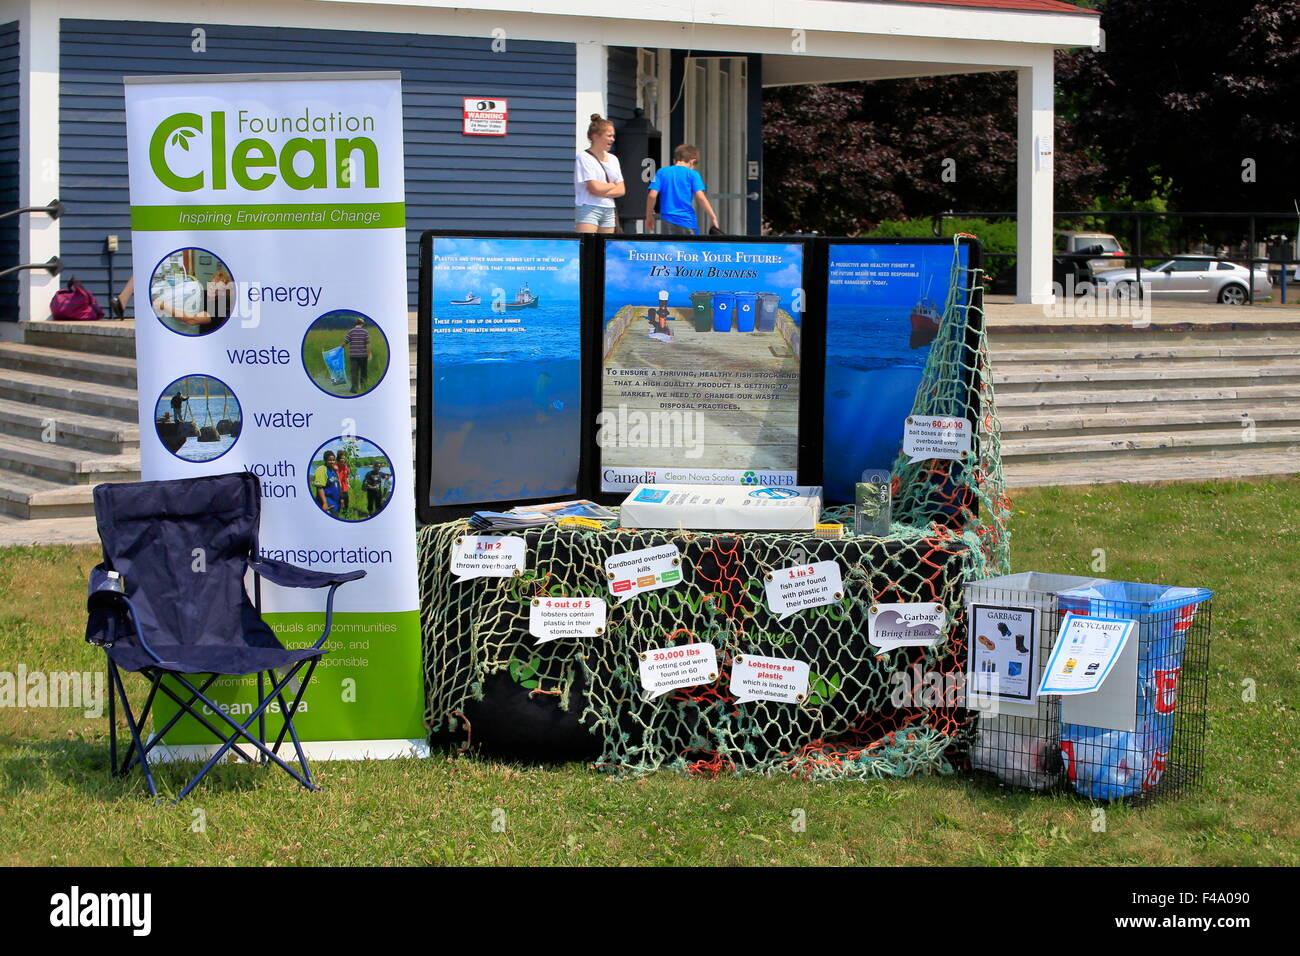 Una limpieza ambiental Fundación Exhibir o mostrar promover la conservación de la energía, reciclado, Imagen De Stock